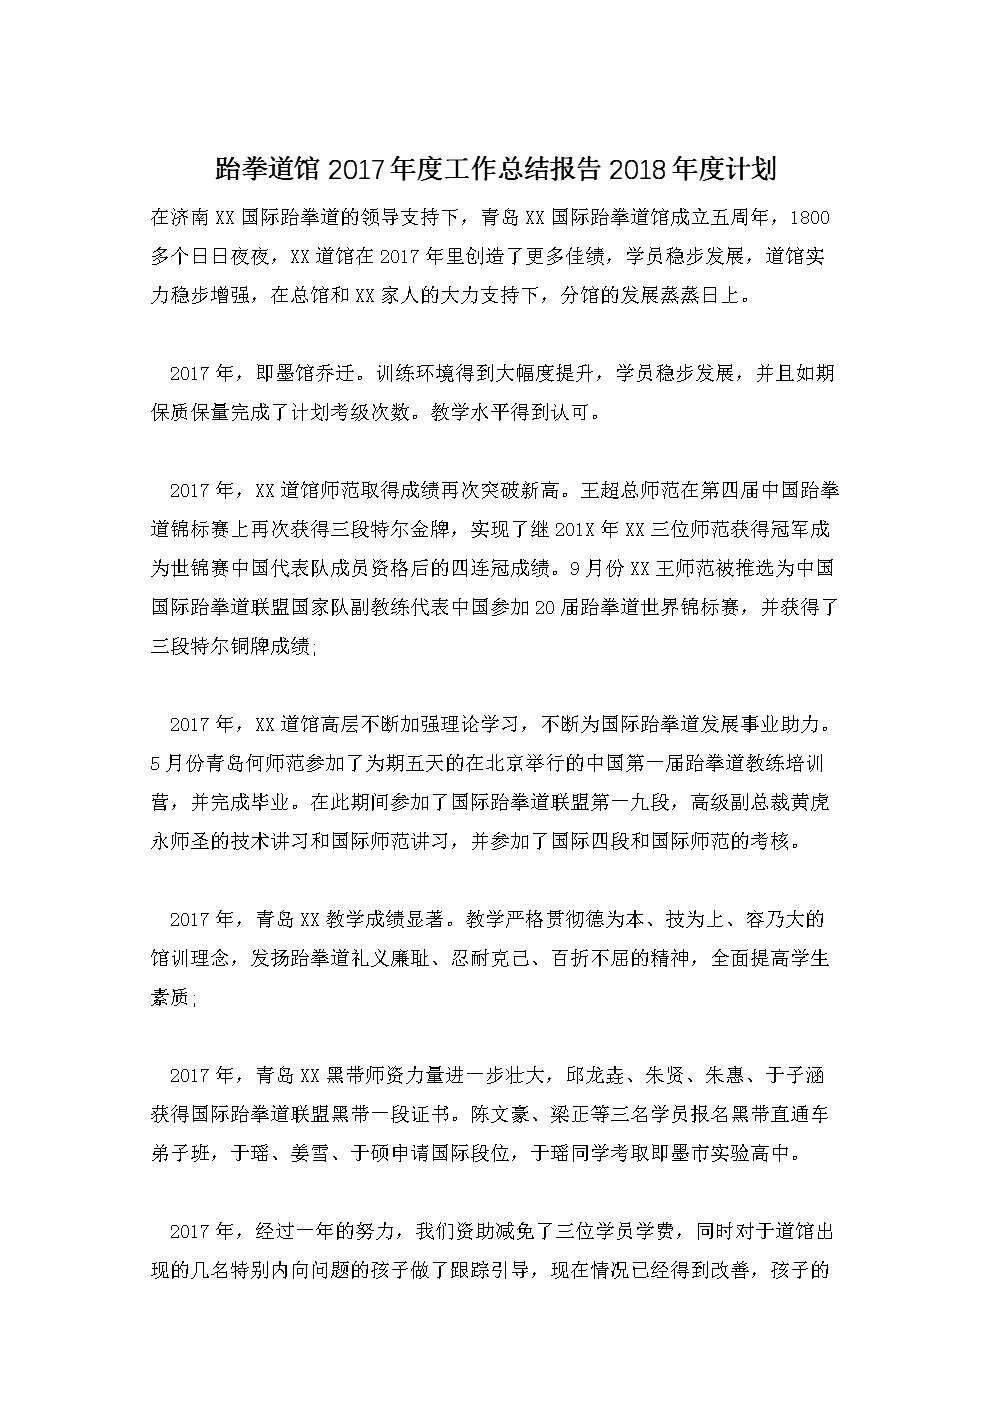 跆拳道馆2017年度工作总结报告2018年度计划.doc